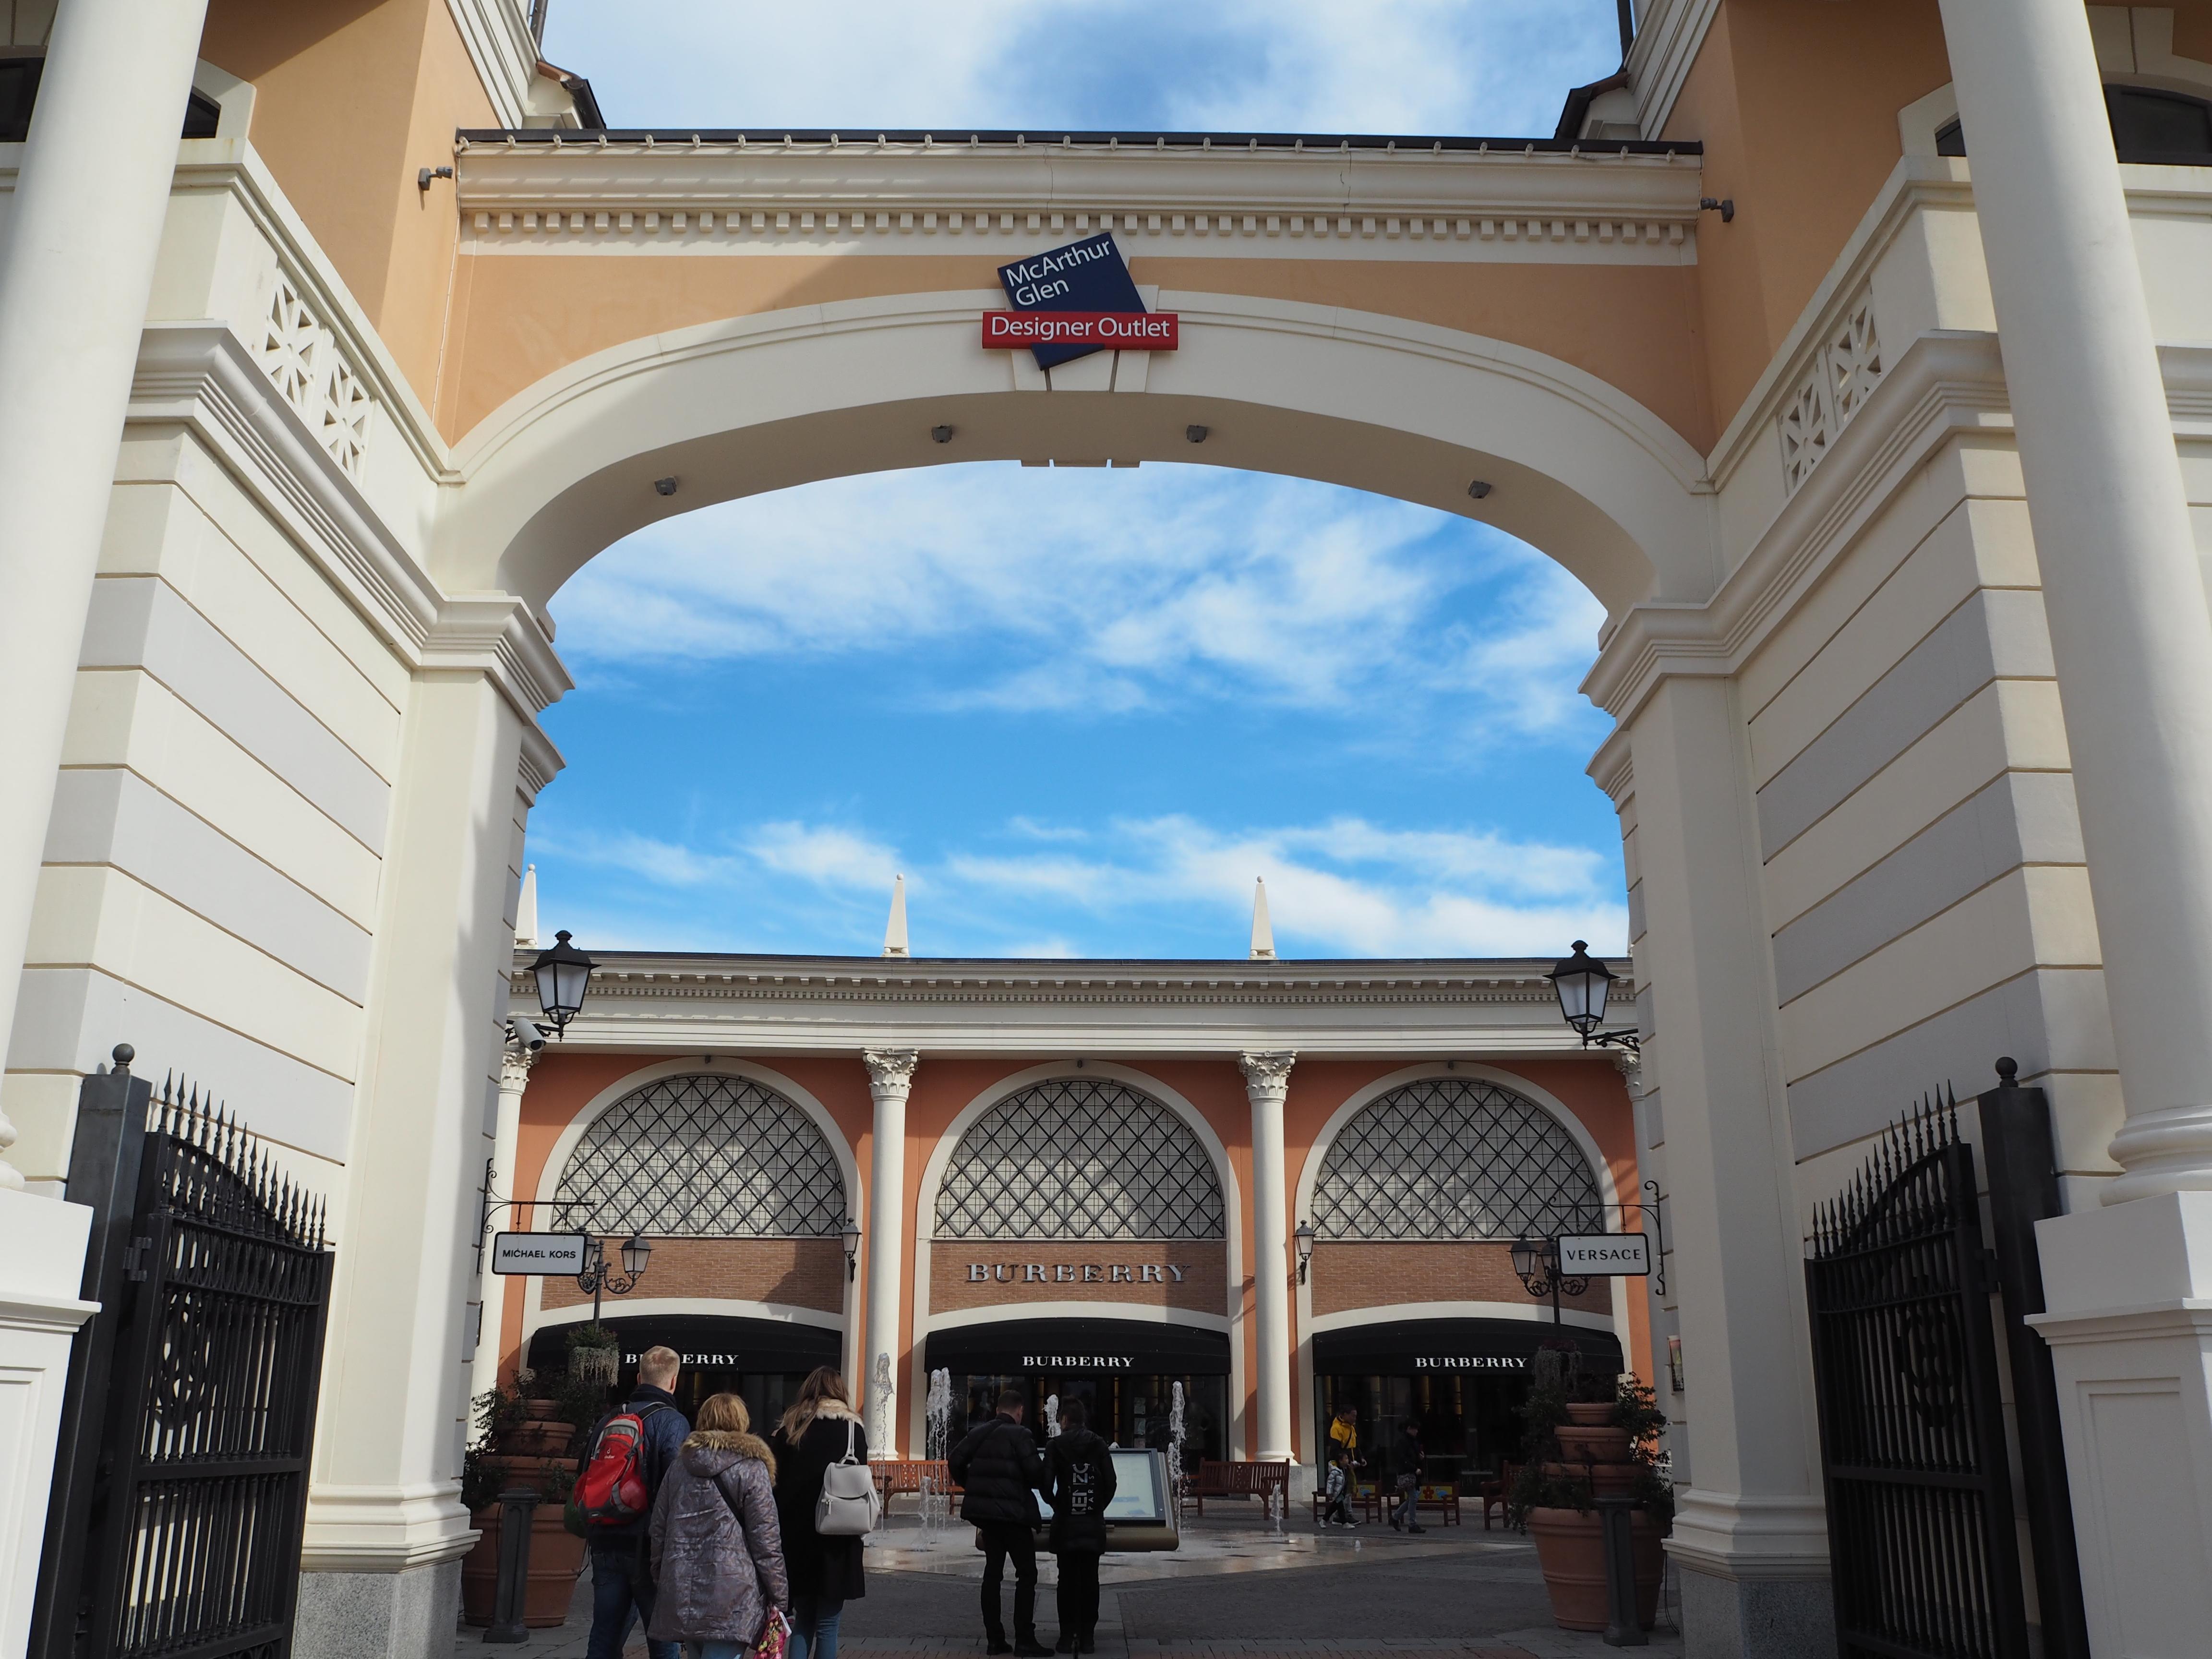 新婚旅行 イタリア・ローマ観光2日目〜カステル・ロマーノでショッピング〜